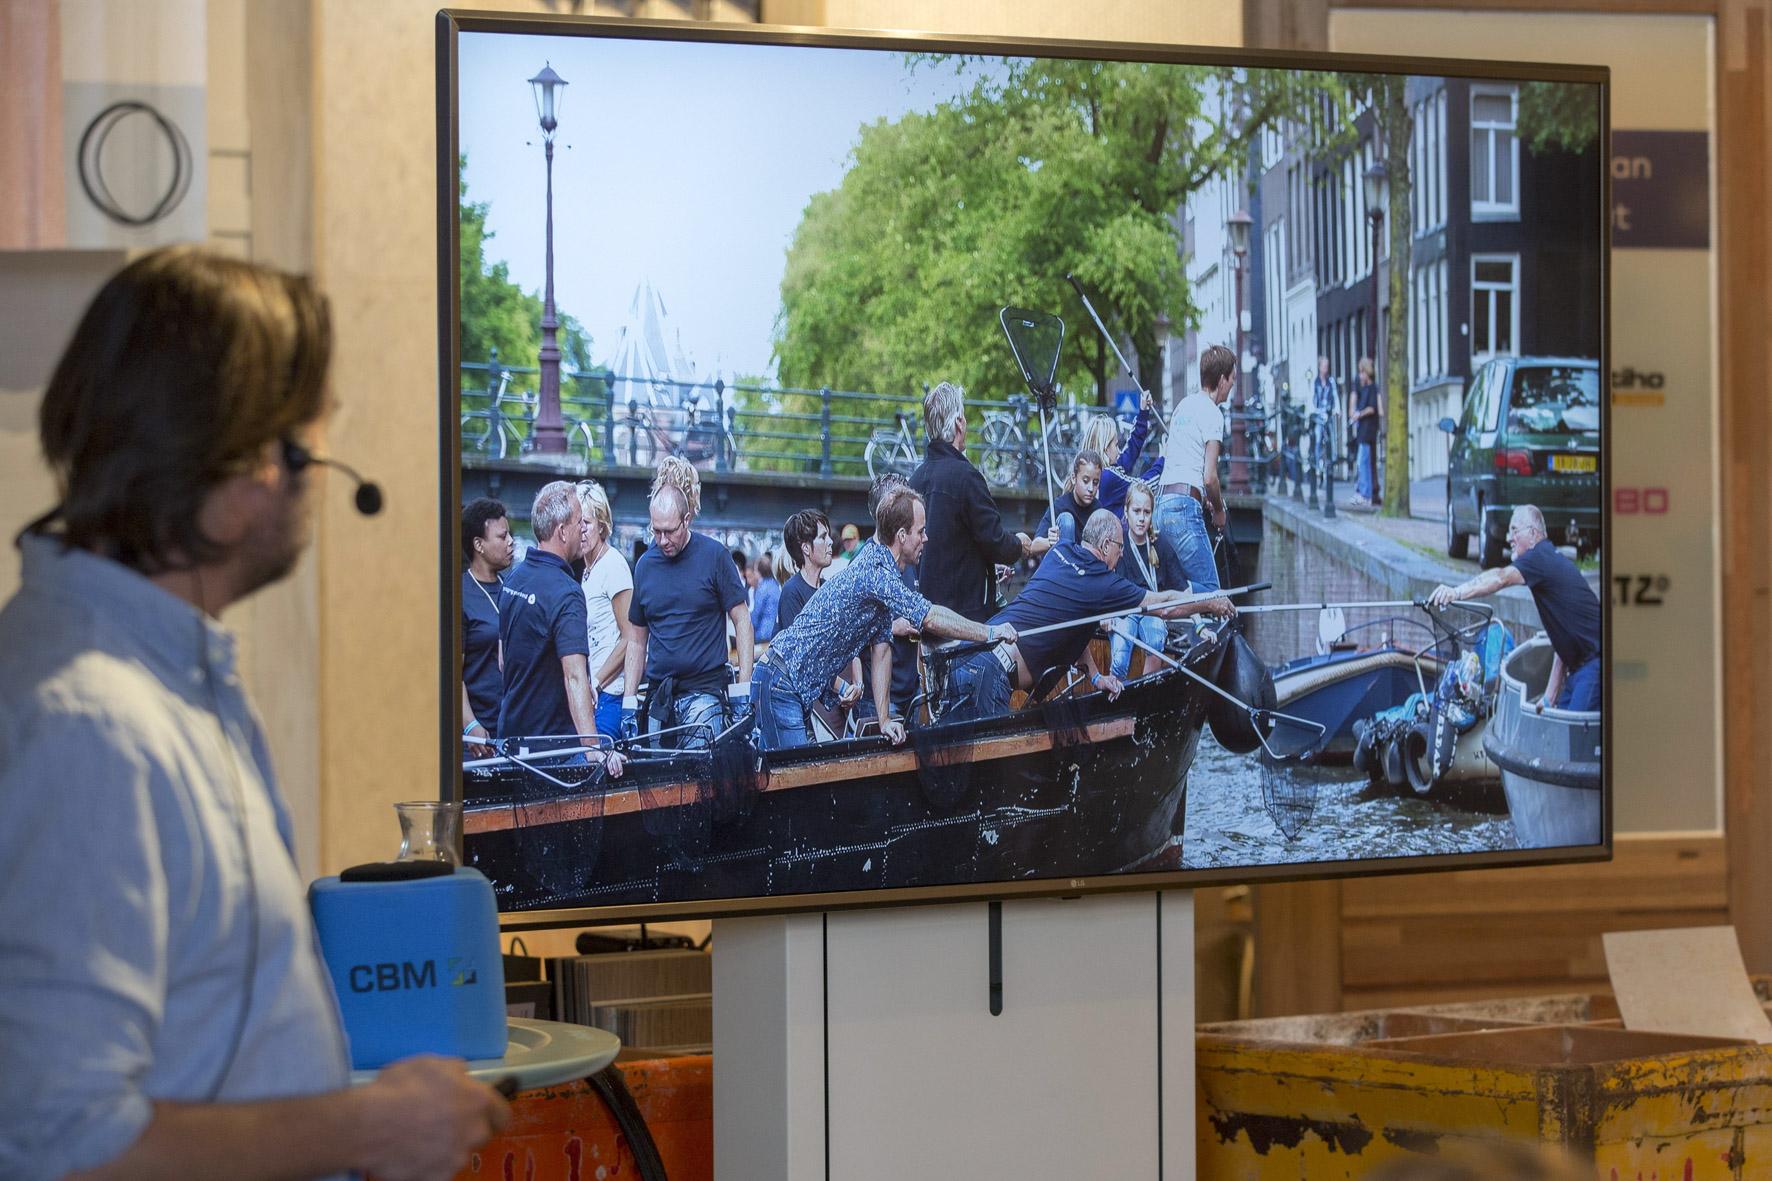 Nederland, Amsterdam, 25-09-2018t.b.v. het CBMBroeinest ADAMAambeeldstraat 10, Amsterdam (Noord) Foto De Beeldredaktie / Marco Okhuizen